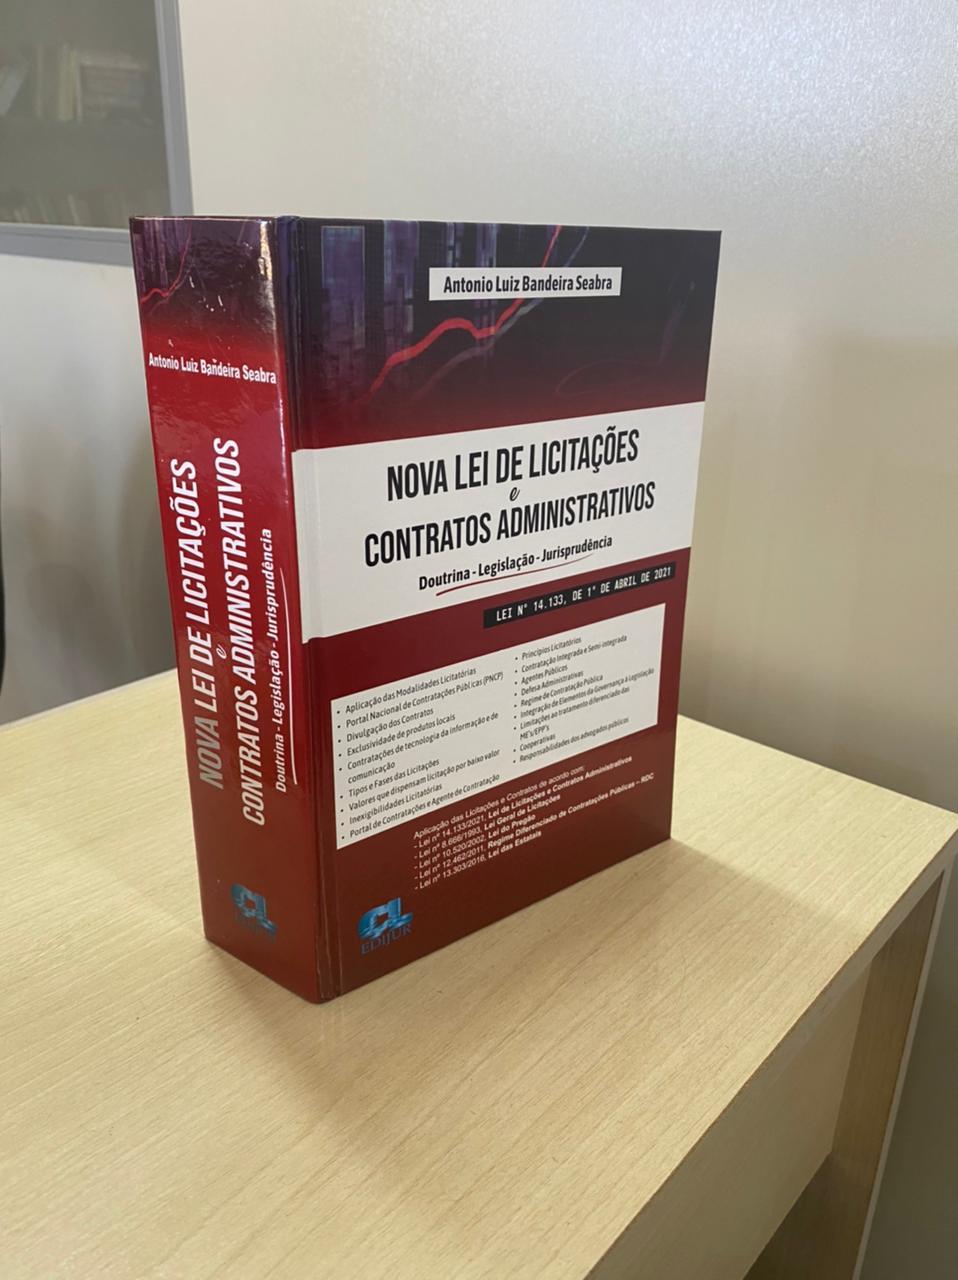 NOVA LEI DE LICITAÇÕES E CONTRATOS ADMINISTRATIVOS  - Edijur Editora